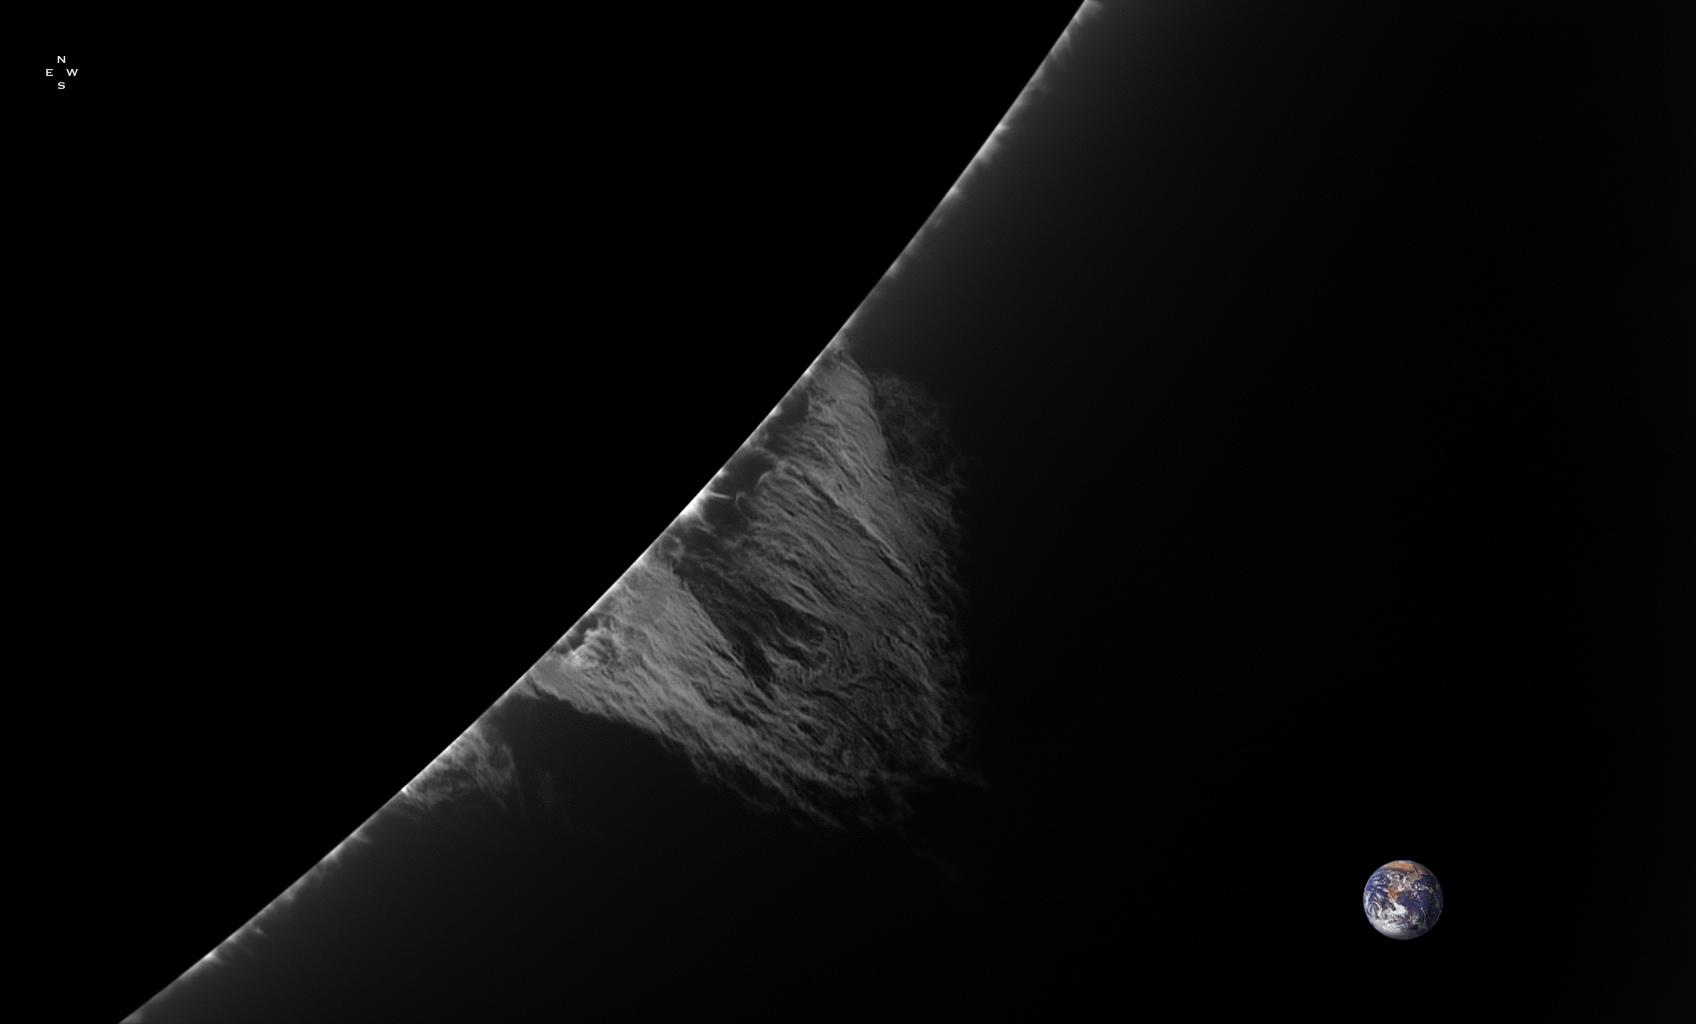 Limbe SW - 31 Dec 2020